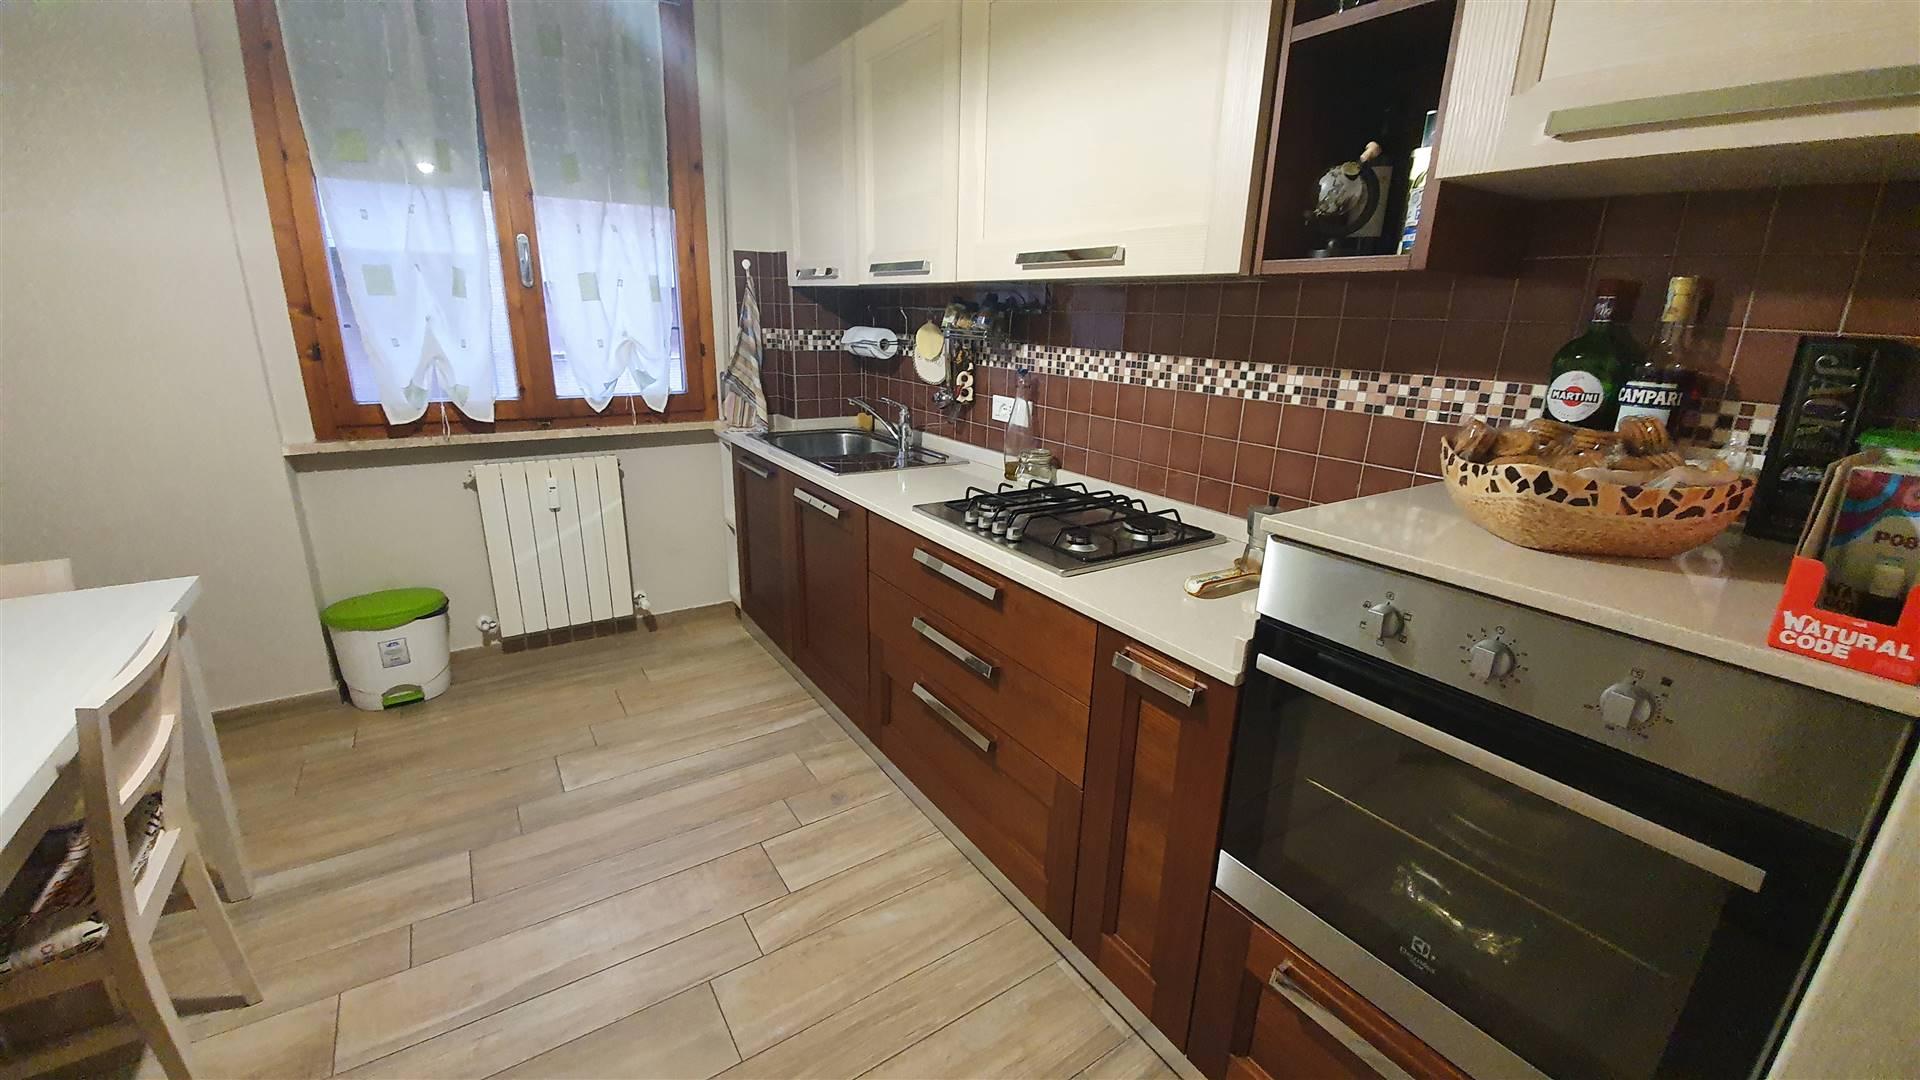 Appartamento In Vendita A Collesalvetti Zona Villaggio Emilio Livorno Rif 10238